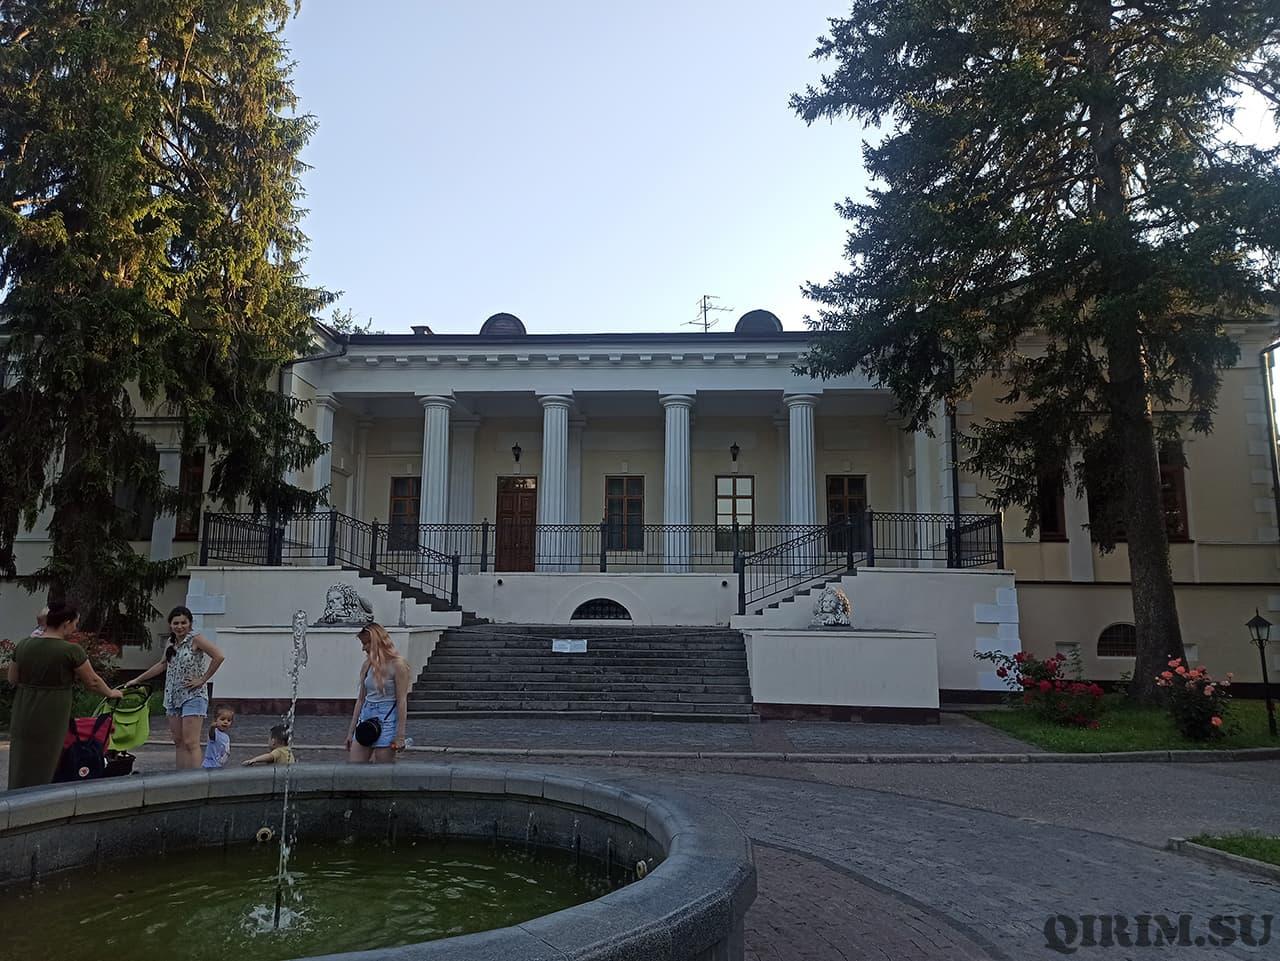 Загородный дом Воронцова в Ботаническом саду